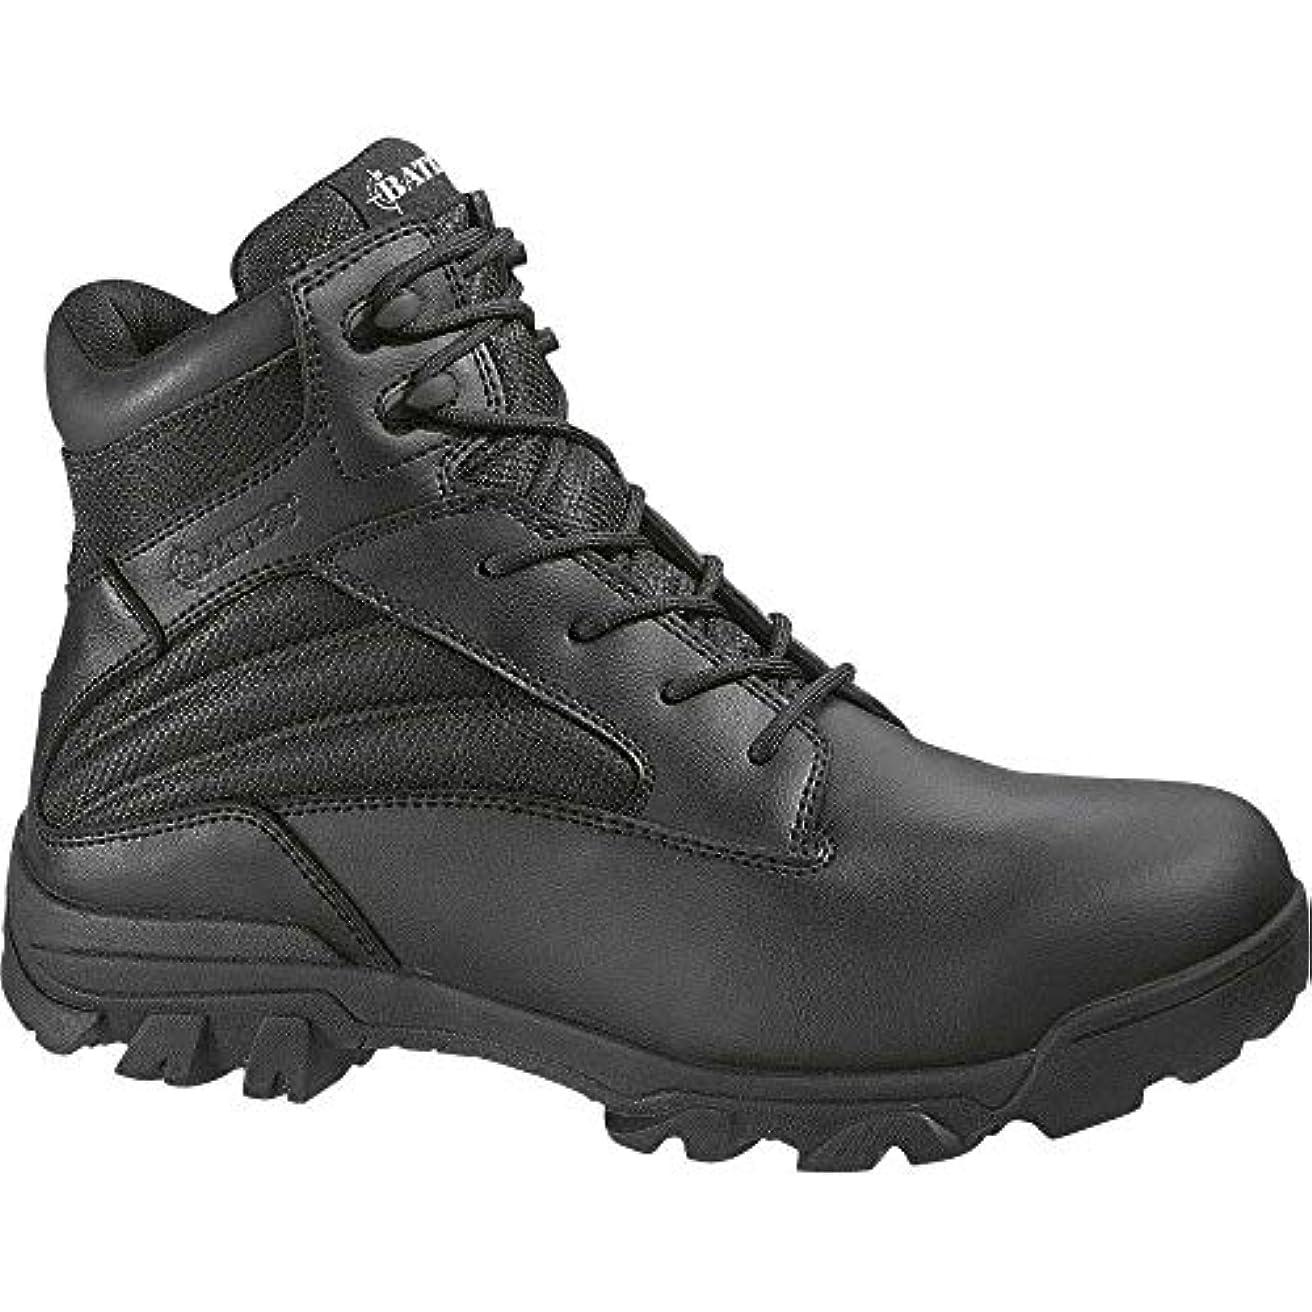 量で監督する百(ベイツ) Bates メンズ シューズ?靴 ブーツ Bates ZR-6 6